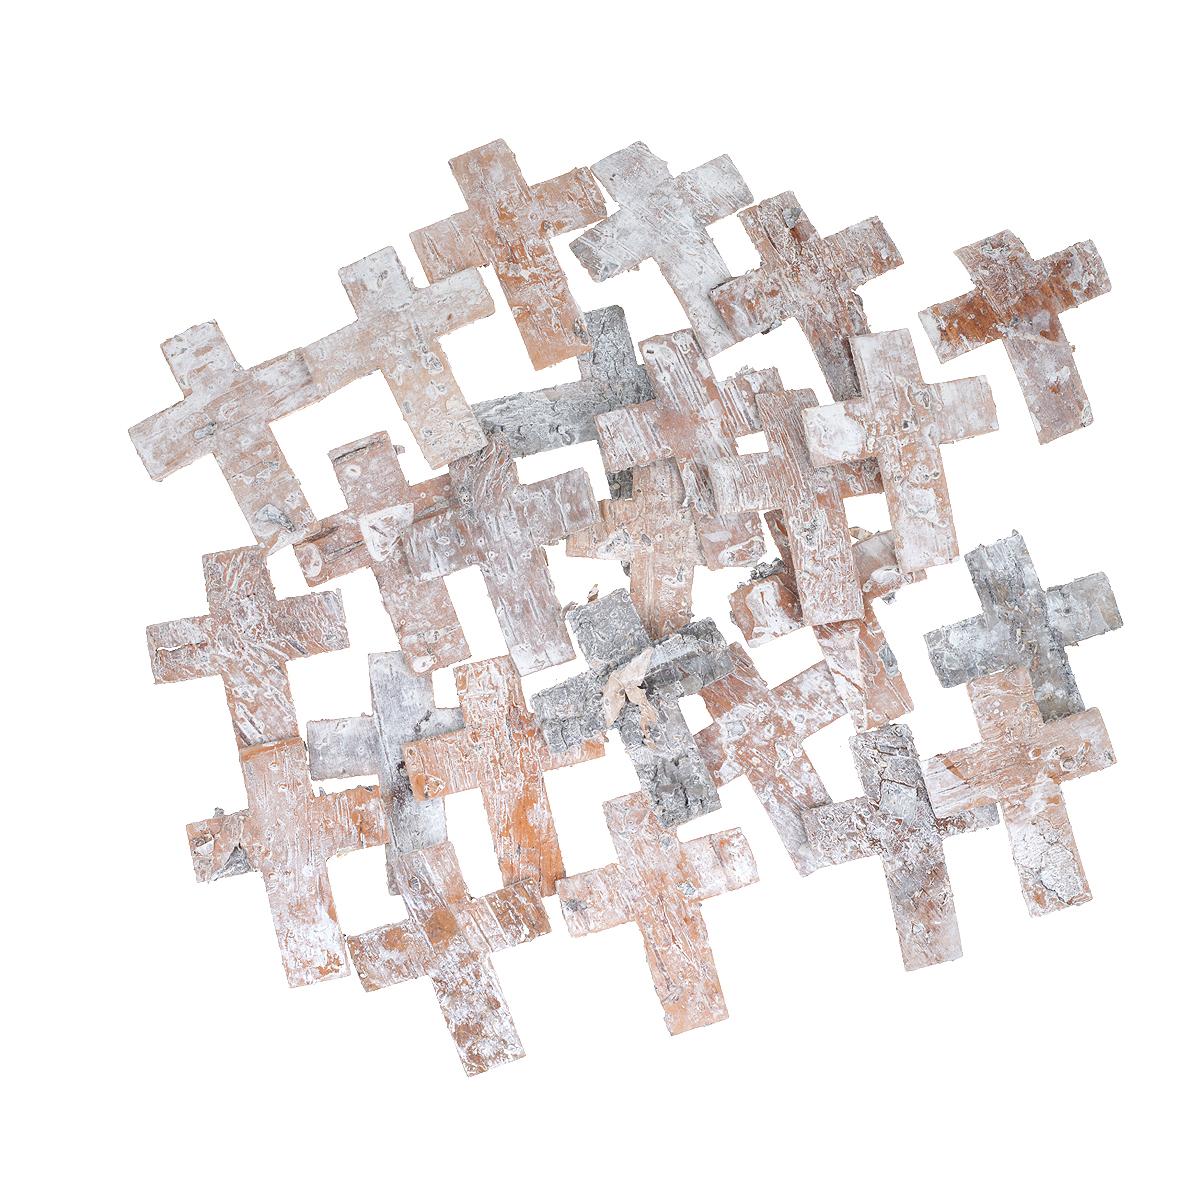 Декоративный элемент Dongjiang Art Крест, цвет: белый, 25 шт7709020Декоративный элемент Dongjiang Art Крест, изготовленный из натуральной коры дерева, предназначен для украшения цветочных композиций. Изделие можно также использовать в технике скрапбукинг и многом другом. Флористика - вид декоративно-прикладного искусства, который использует живые, засушенные или консервированные природные материалы для создания флористических работ. Это целый мир, в котором есть место и строгому математическому расчету, и вдохновению.